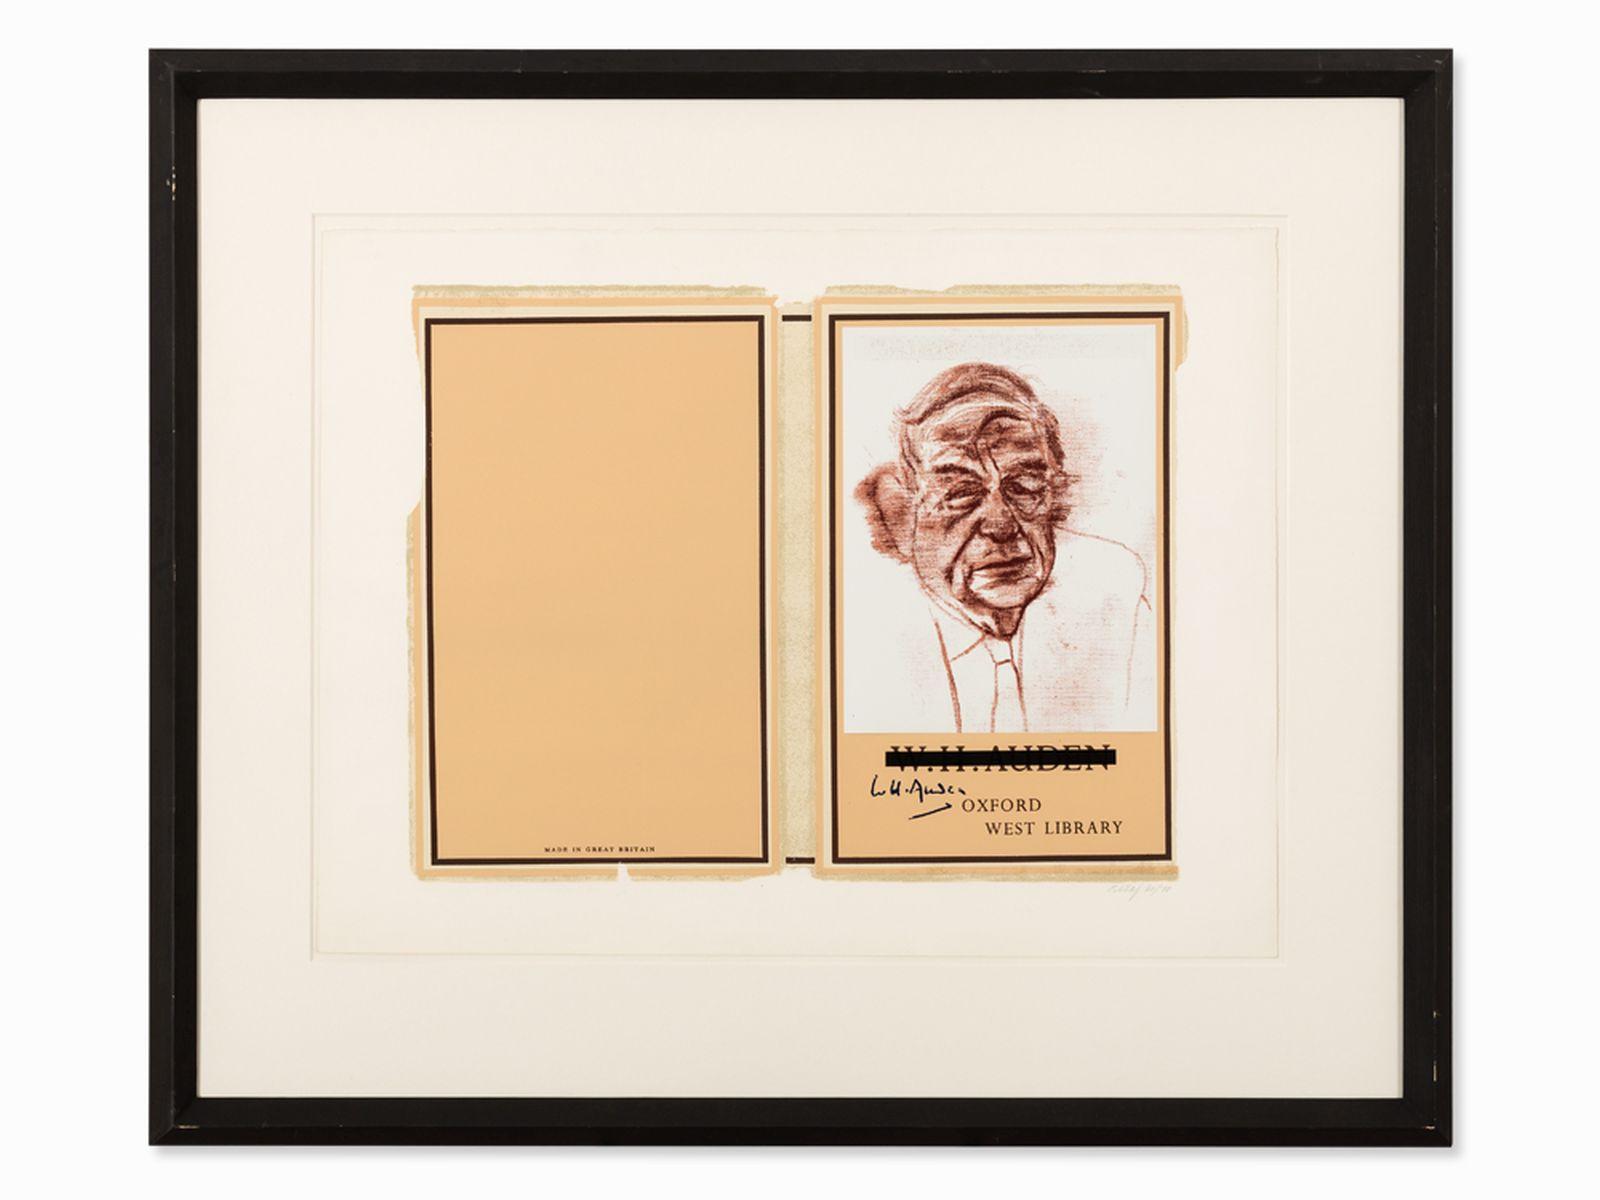 #3 R.B. Kitaj (1887-1948), W.H. Auden, Color Serigraph, 1969 | R.B. Kitaj (1887-1948), W.H. Auden, Farbserigrafie, 1969 Image